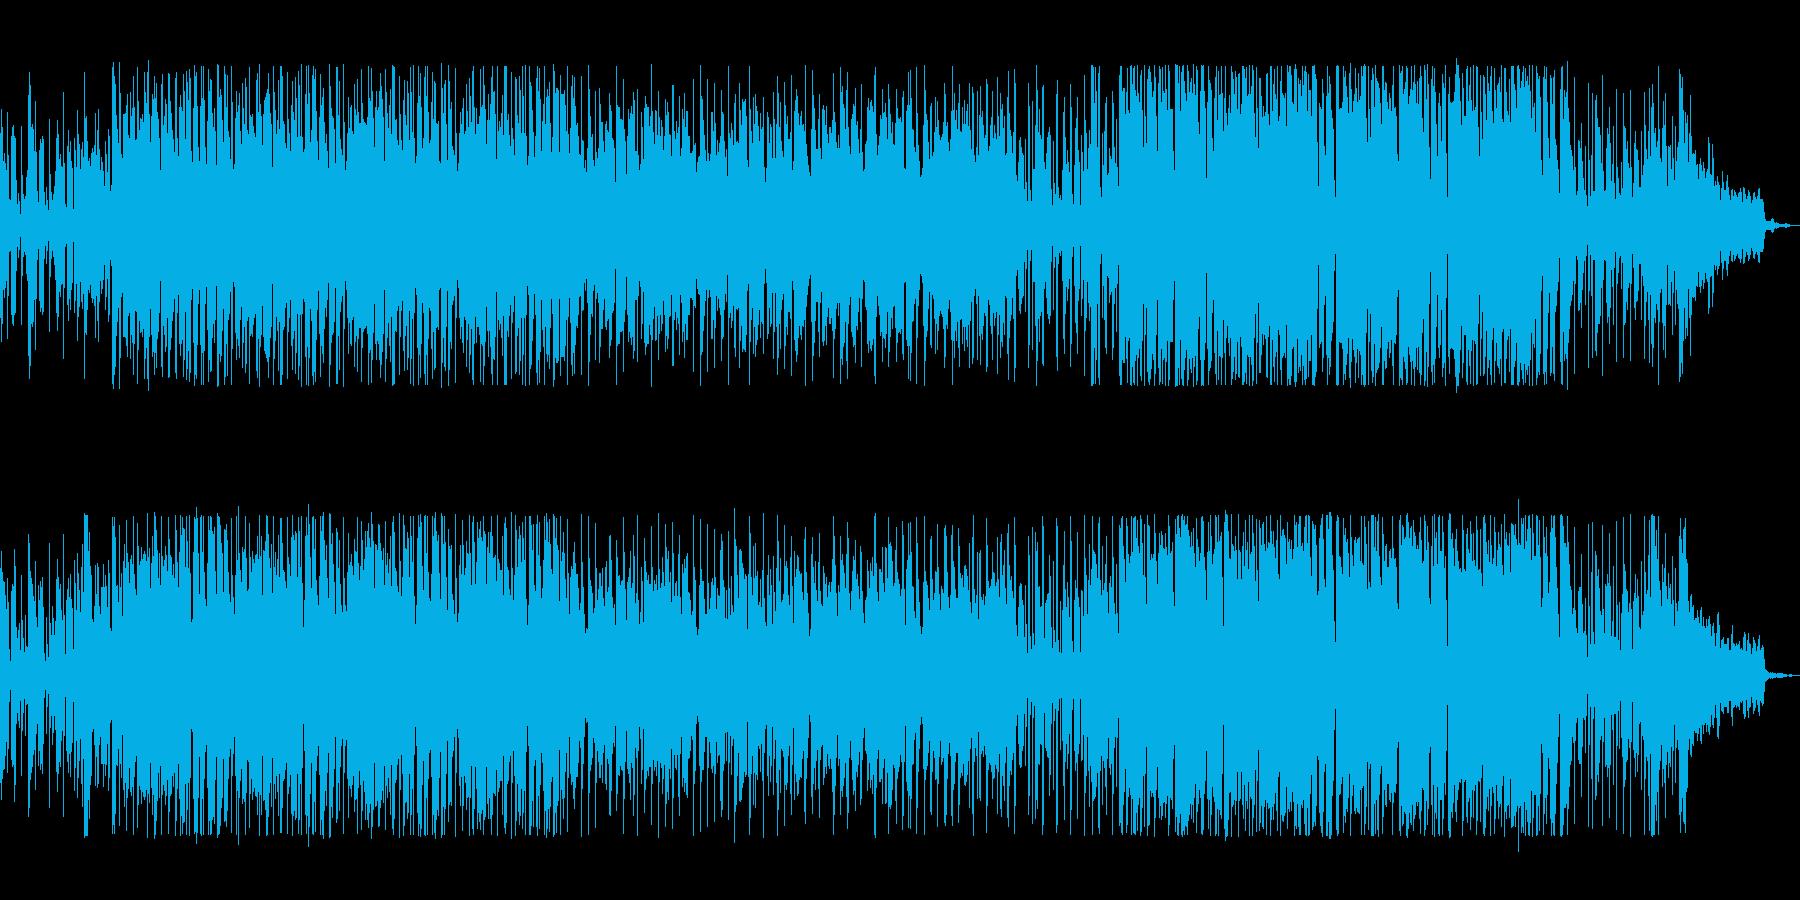 チャーミングでお洒落な楽曲の再生済みの波形